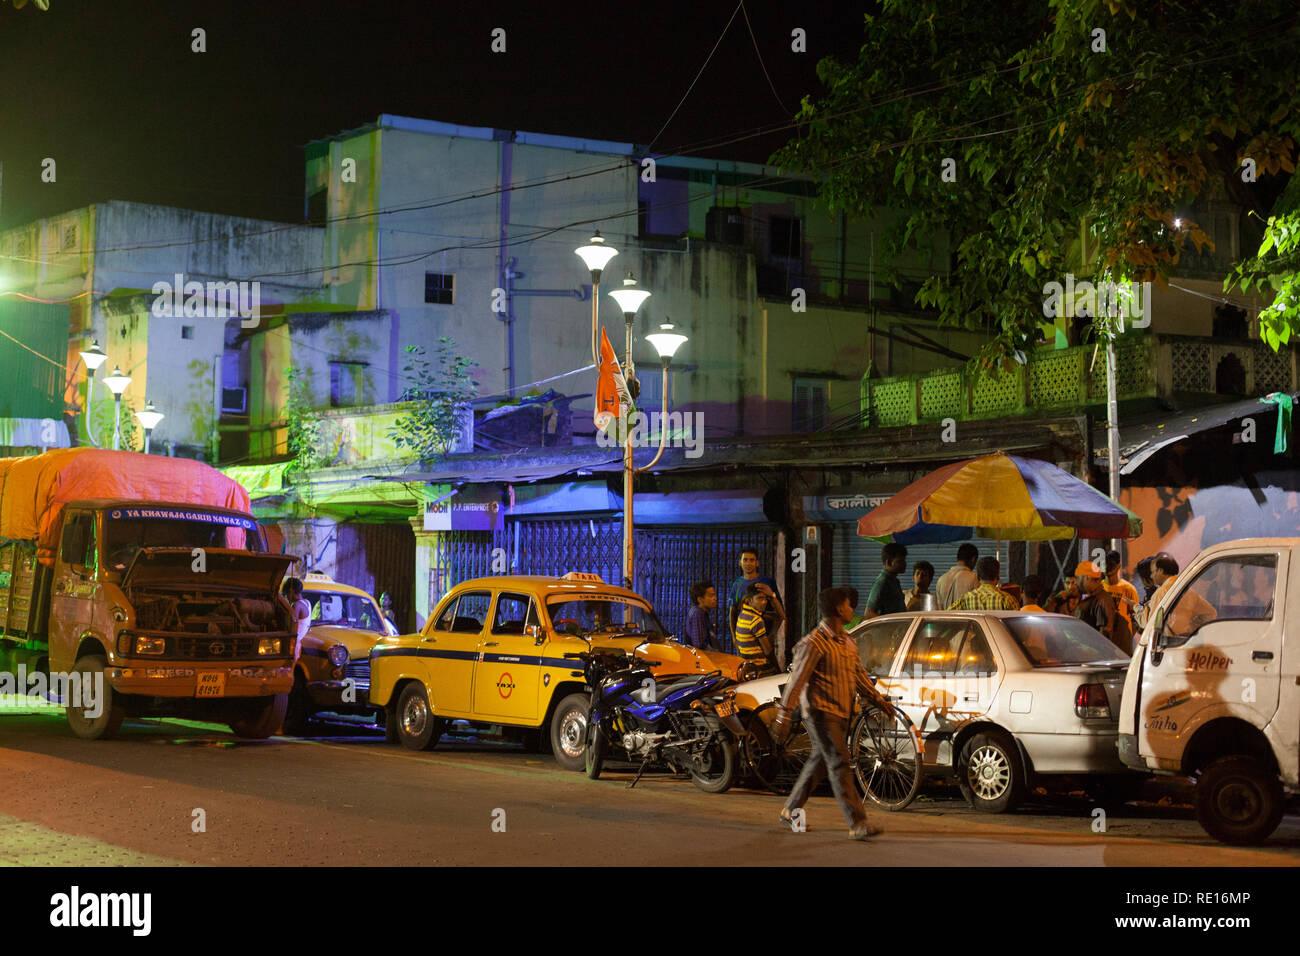 Kolkata / India - August 2015: A street at night. - Stock Image